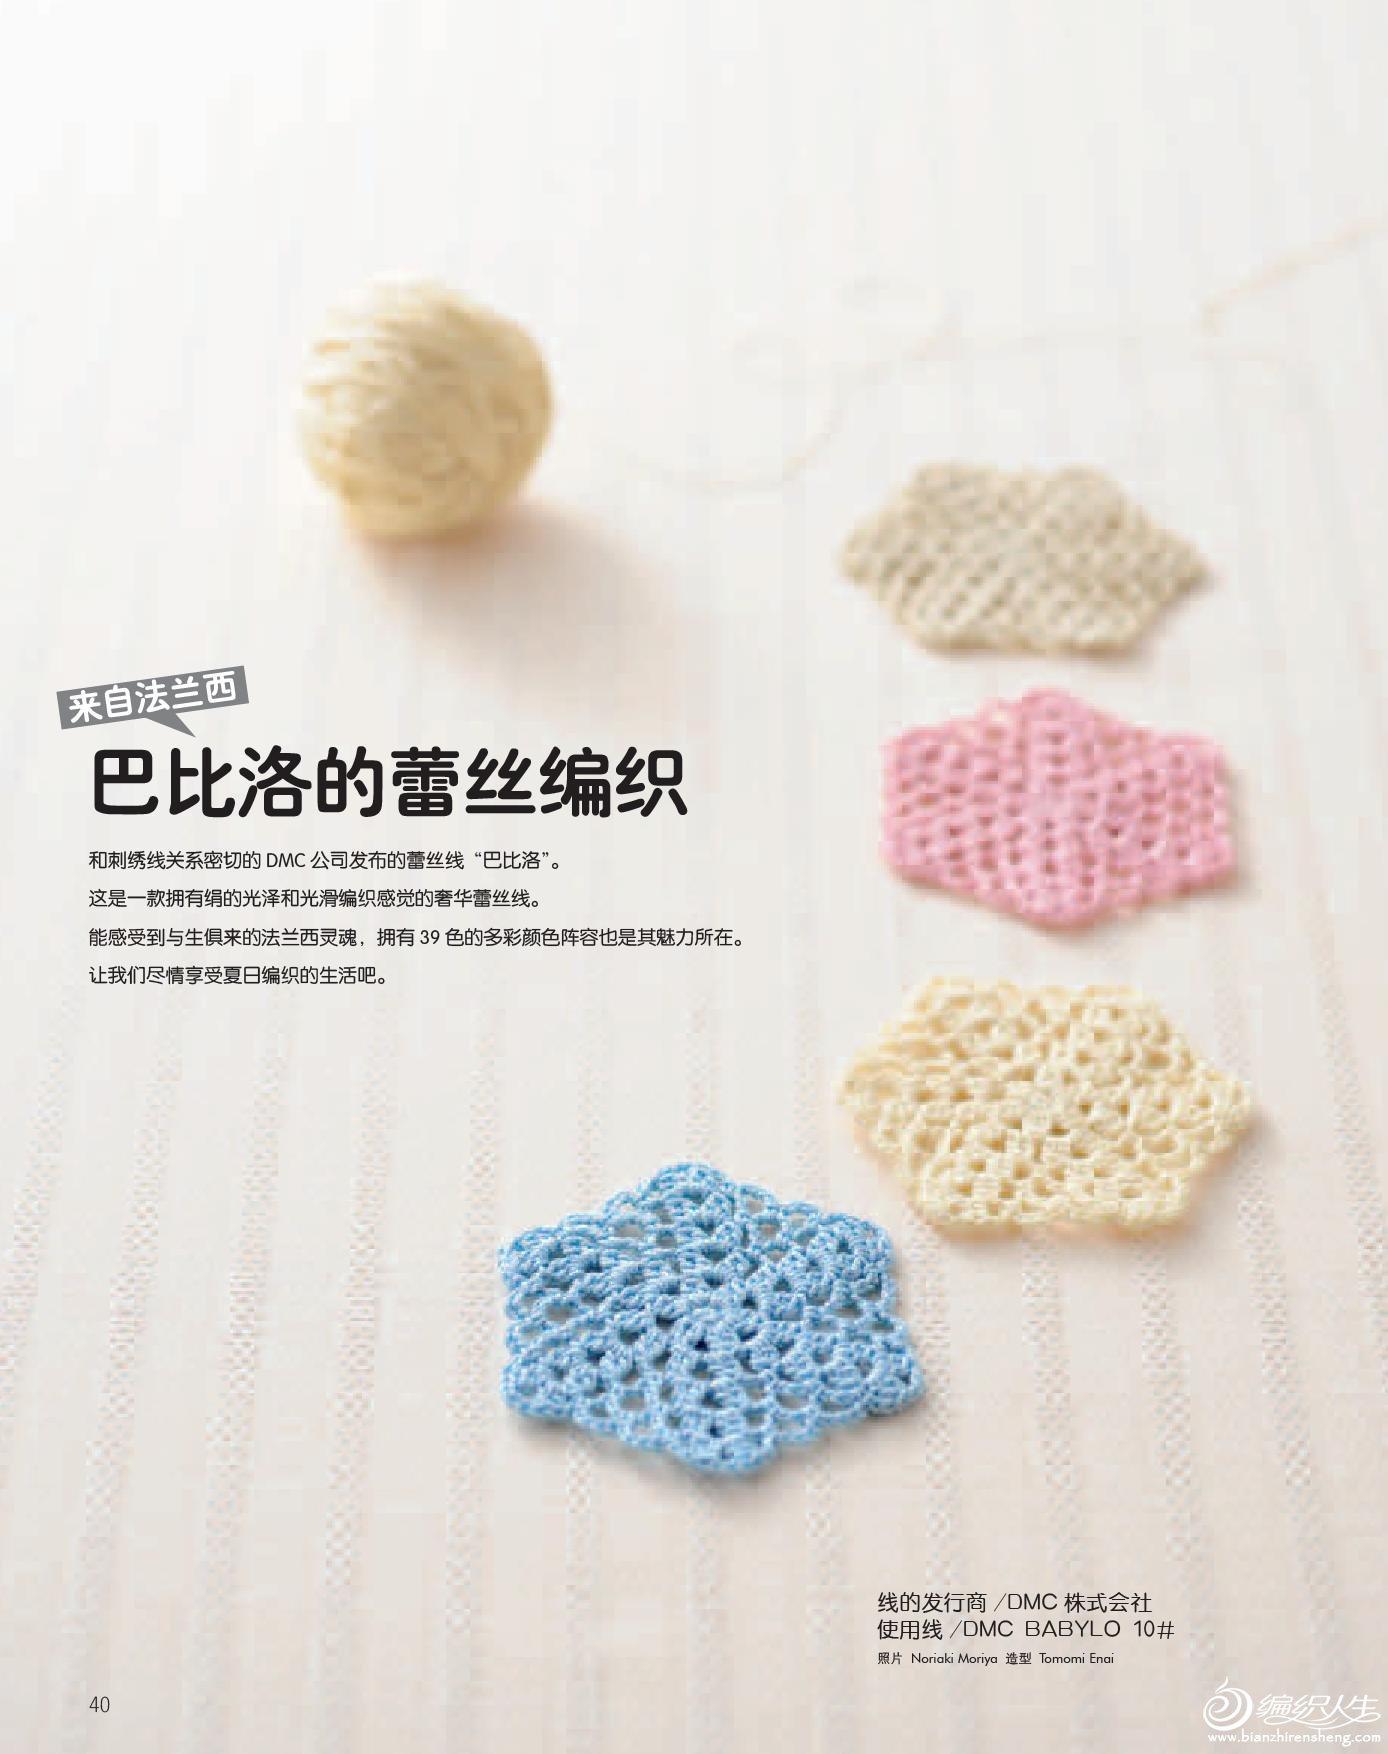 世界编织1 蕾丝编织的美丽世界-40.jpg